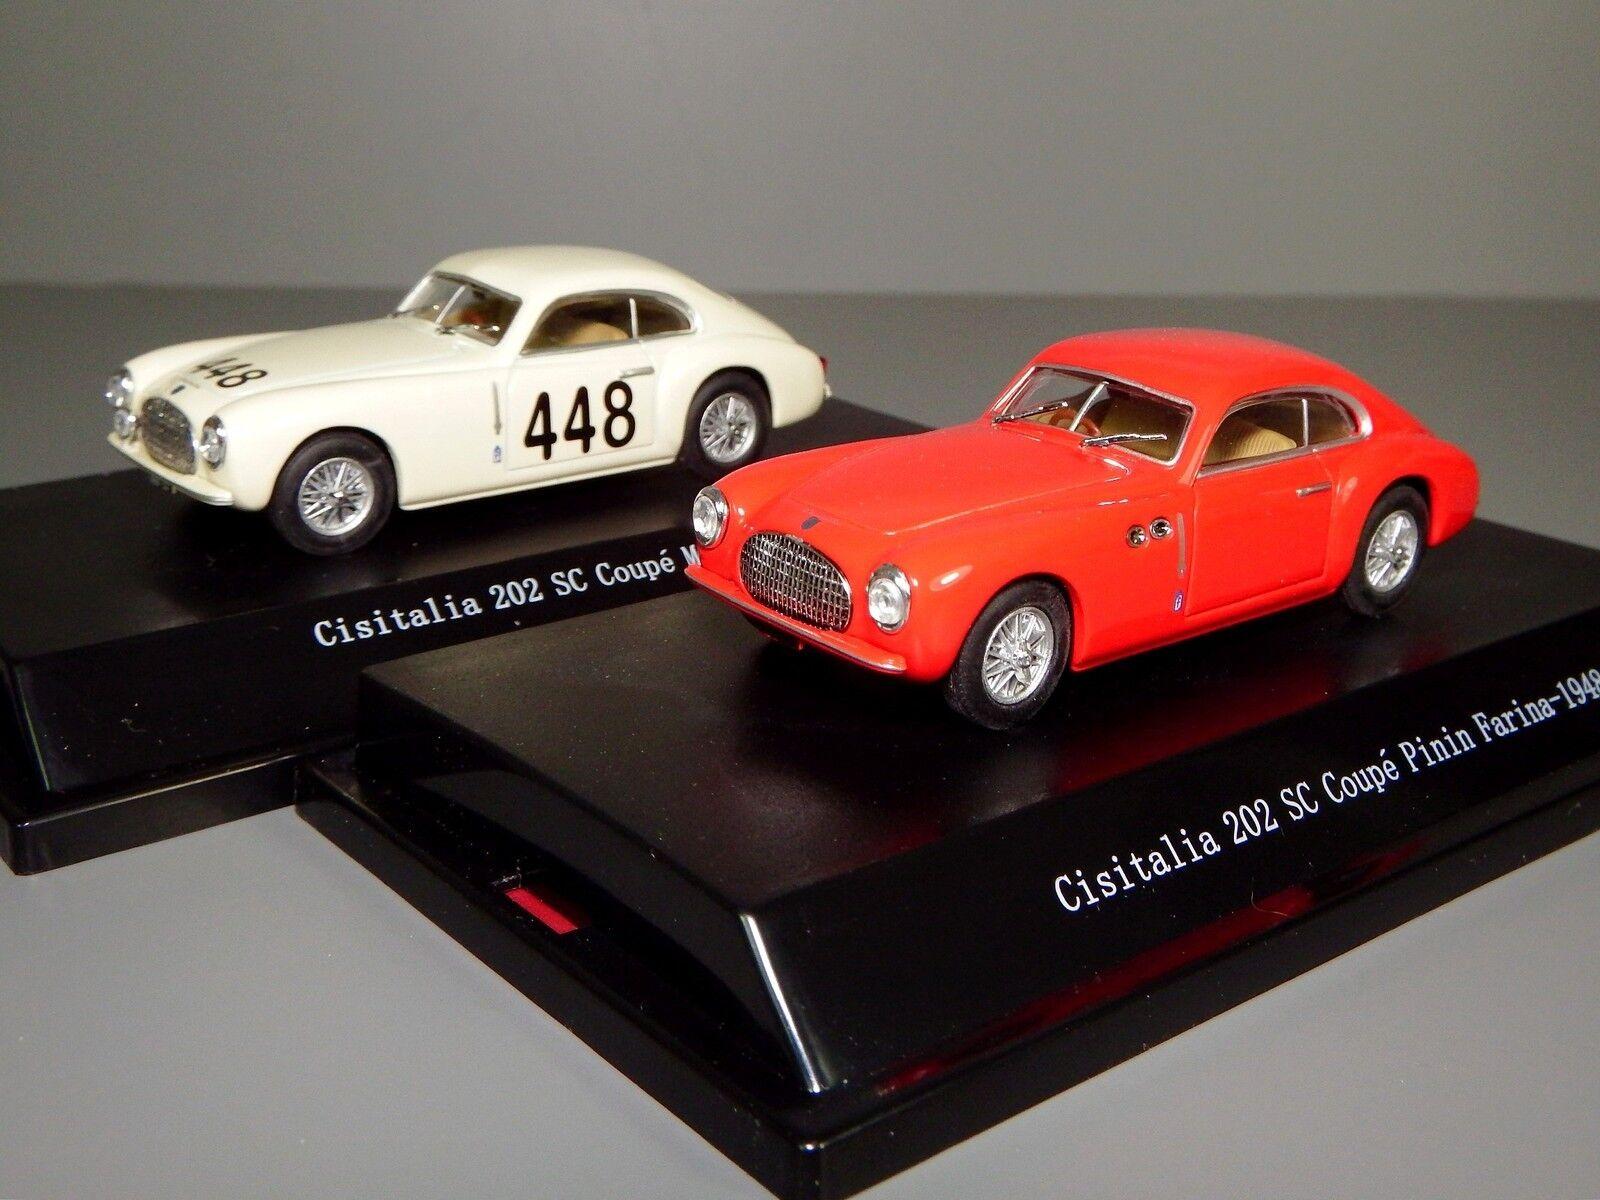 Starline Cisitalia 202 SC Coupe Pinin Farina Mille Miglia 1948 49, Boxed